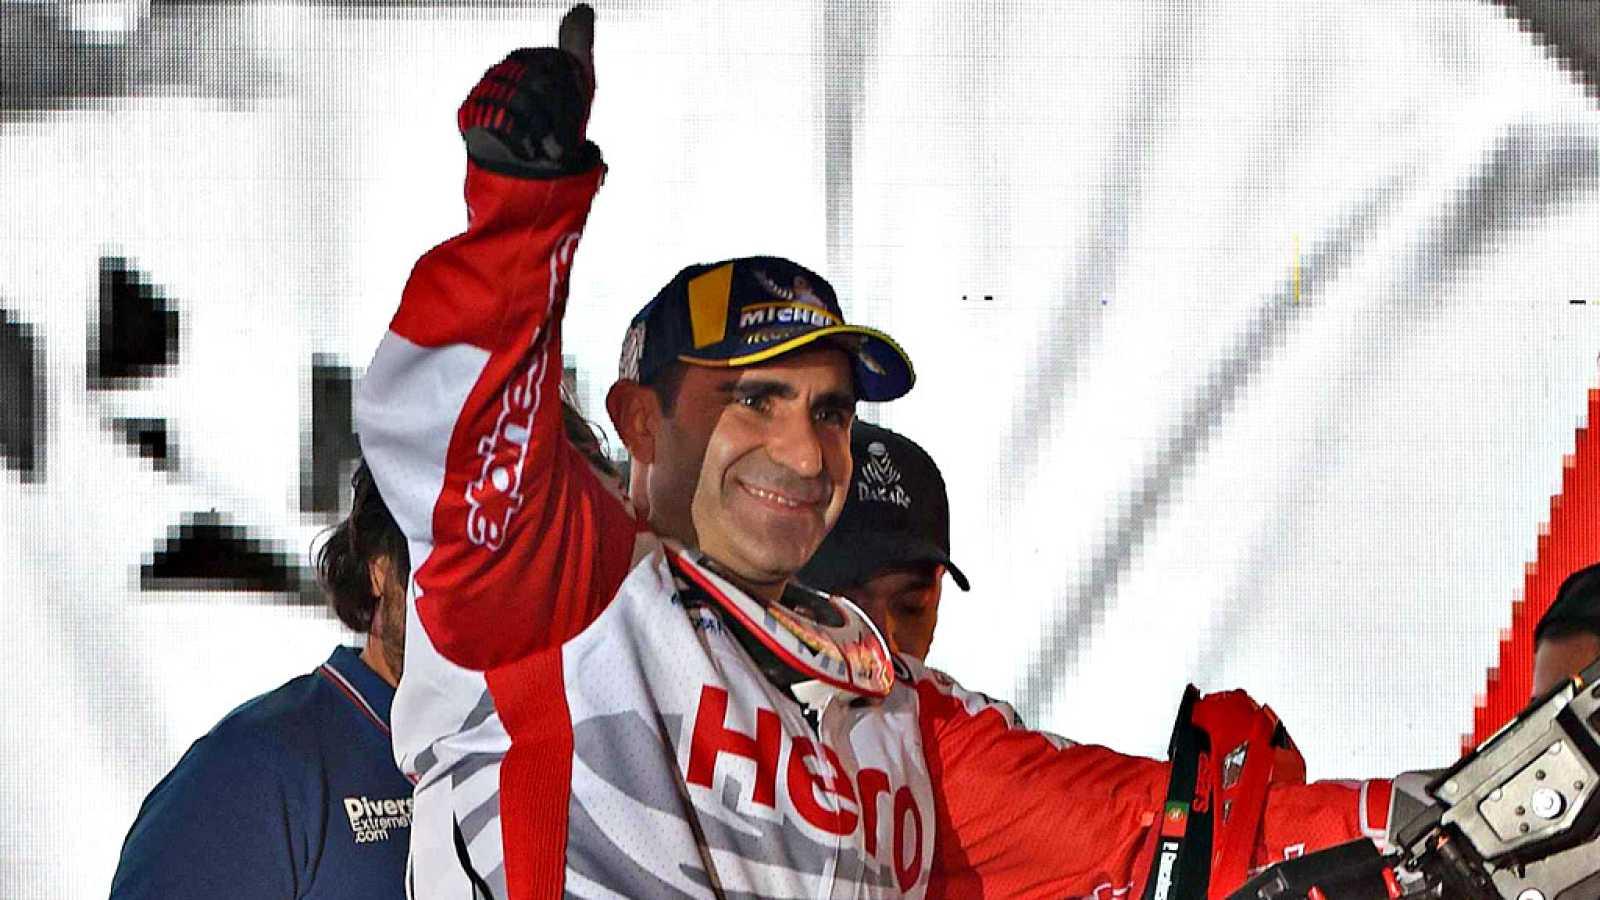 El piloto portugués Paulo Gonçalves (Hero MotoSports) ha fallecido  este domingo a los 40 años, tras ser víctima de una caída durante la  séptima etapa del Rally Dakar, disputada sobre 546 kilómetros  cronometrados entre las ciudades de Riad y Wadi A